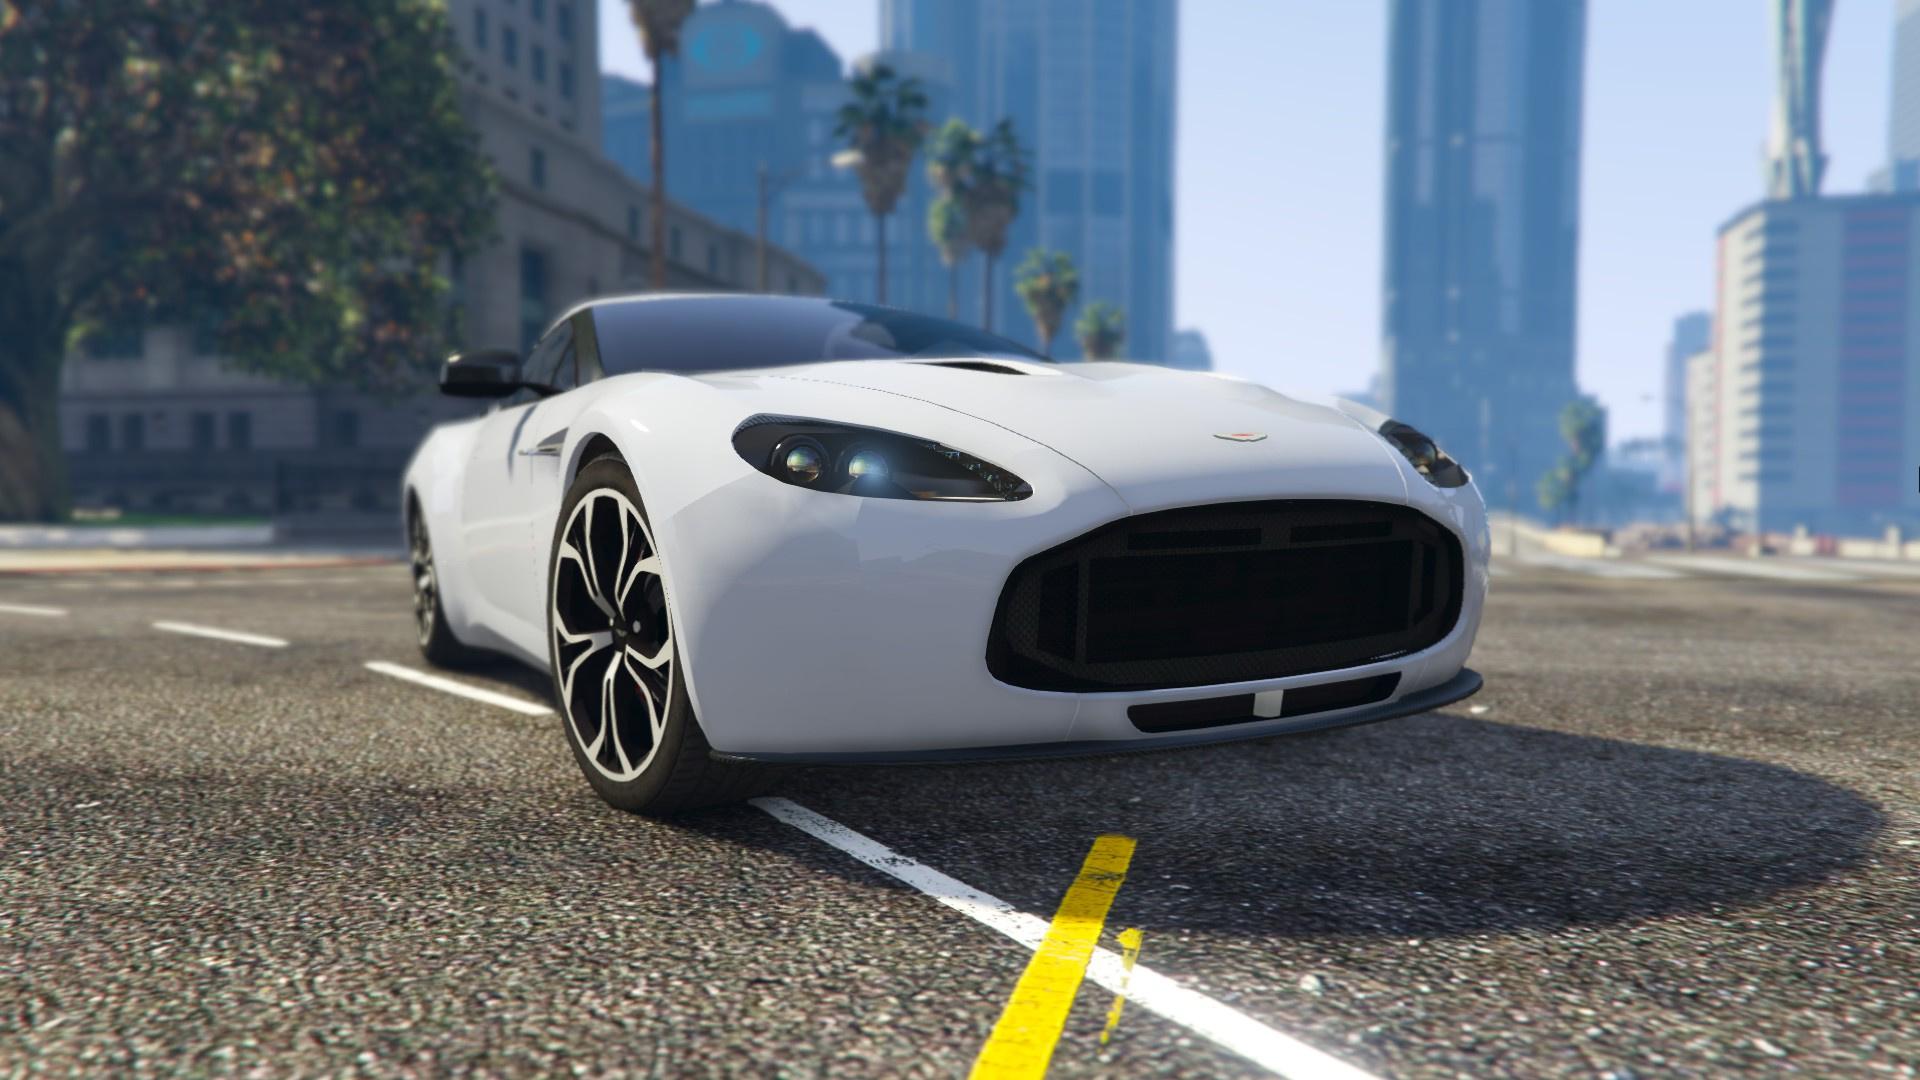 Aston Martin V Zagato GTAModscom - Aston martin v12 zagato